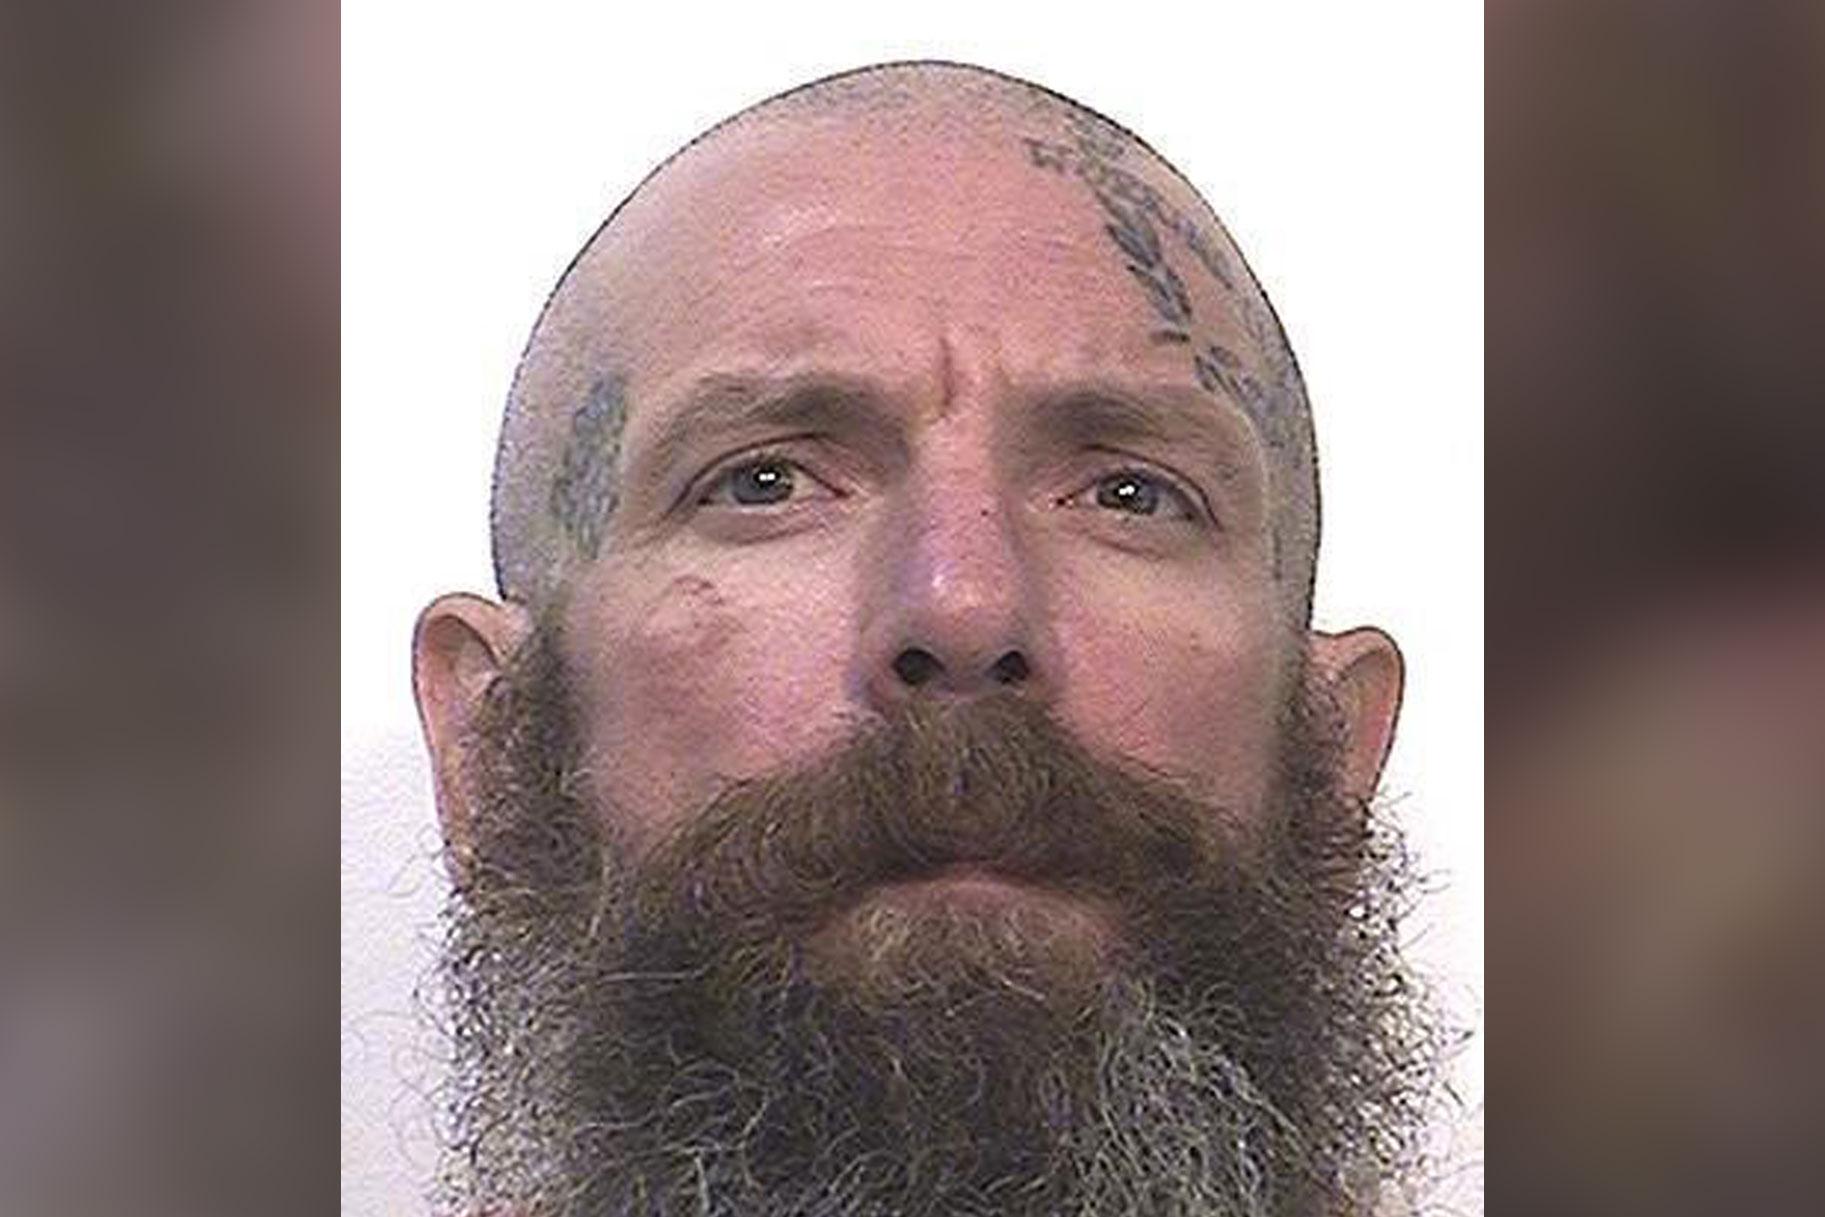 California kinnipeetav väidab, et vangla eiras tema hoiatust plaani kohta, kuidas lapsepeksjaid surnuks peksta